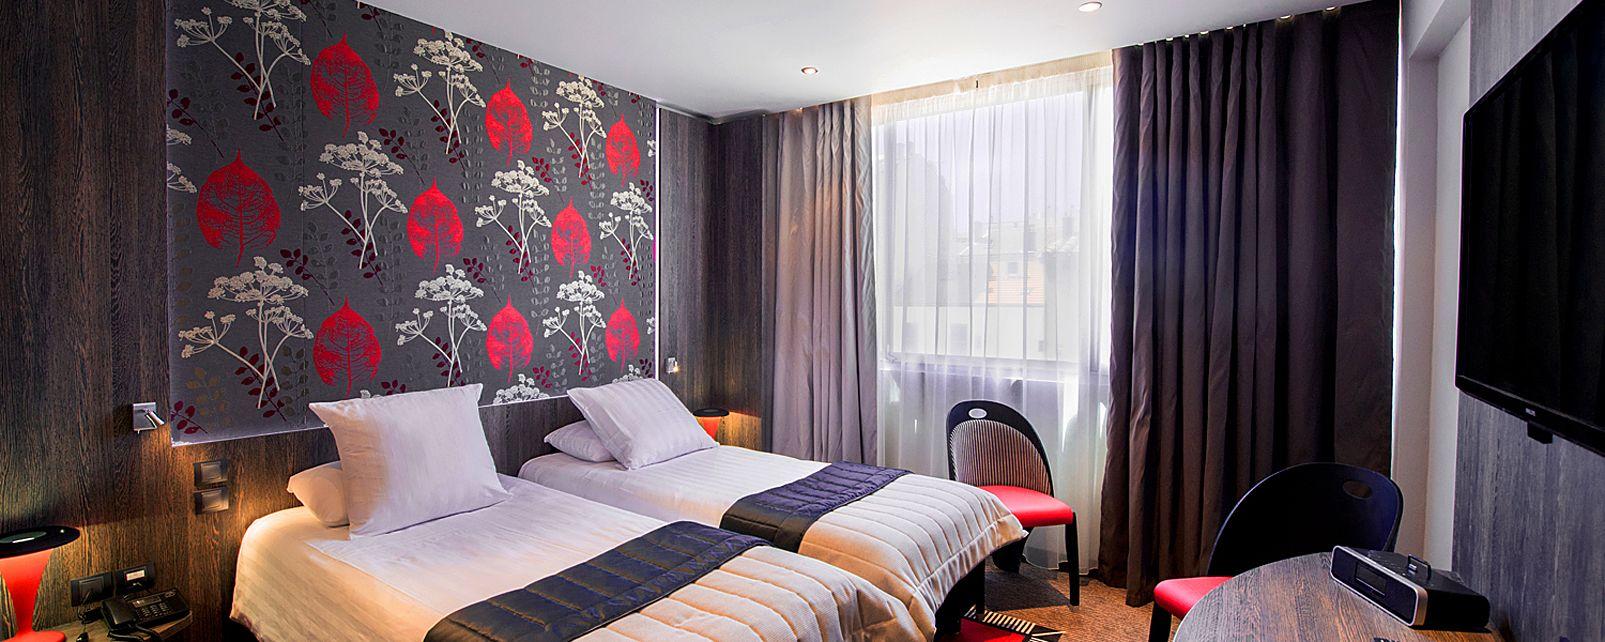 Hotel Best Western Le Patio des Artistes